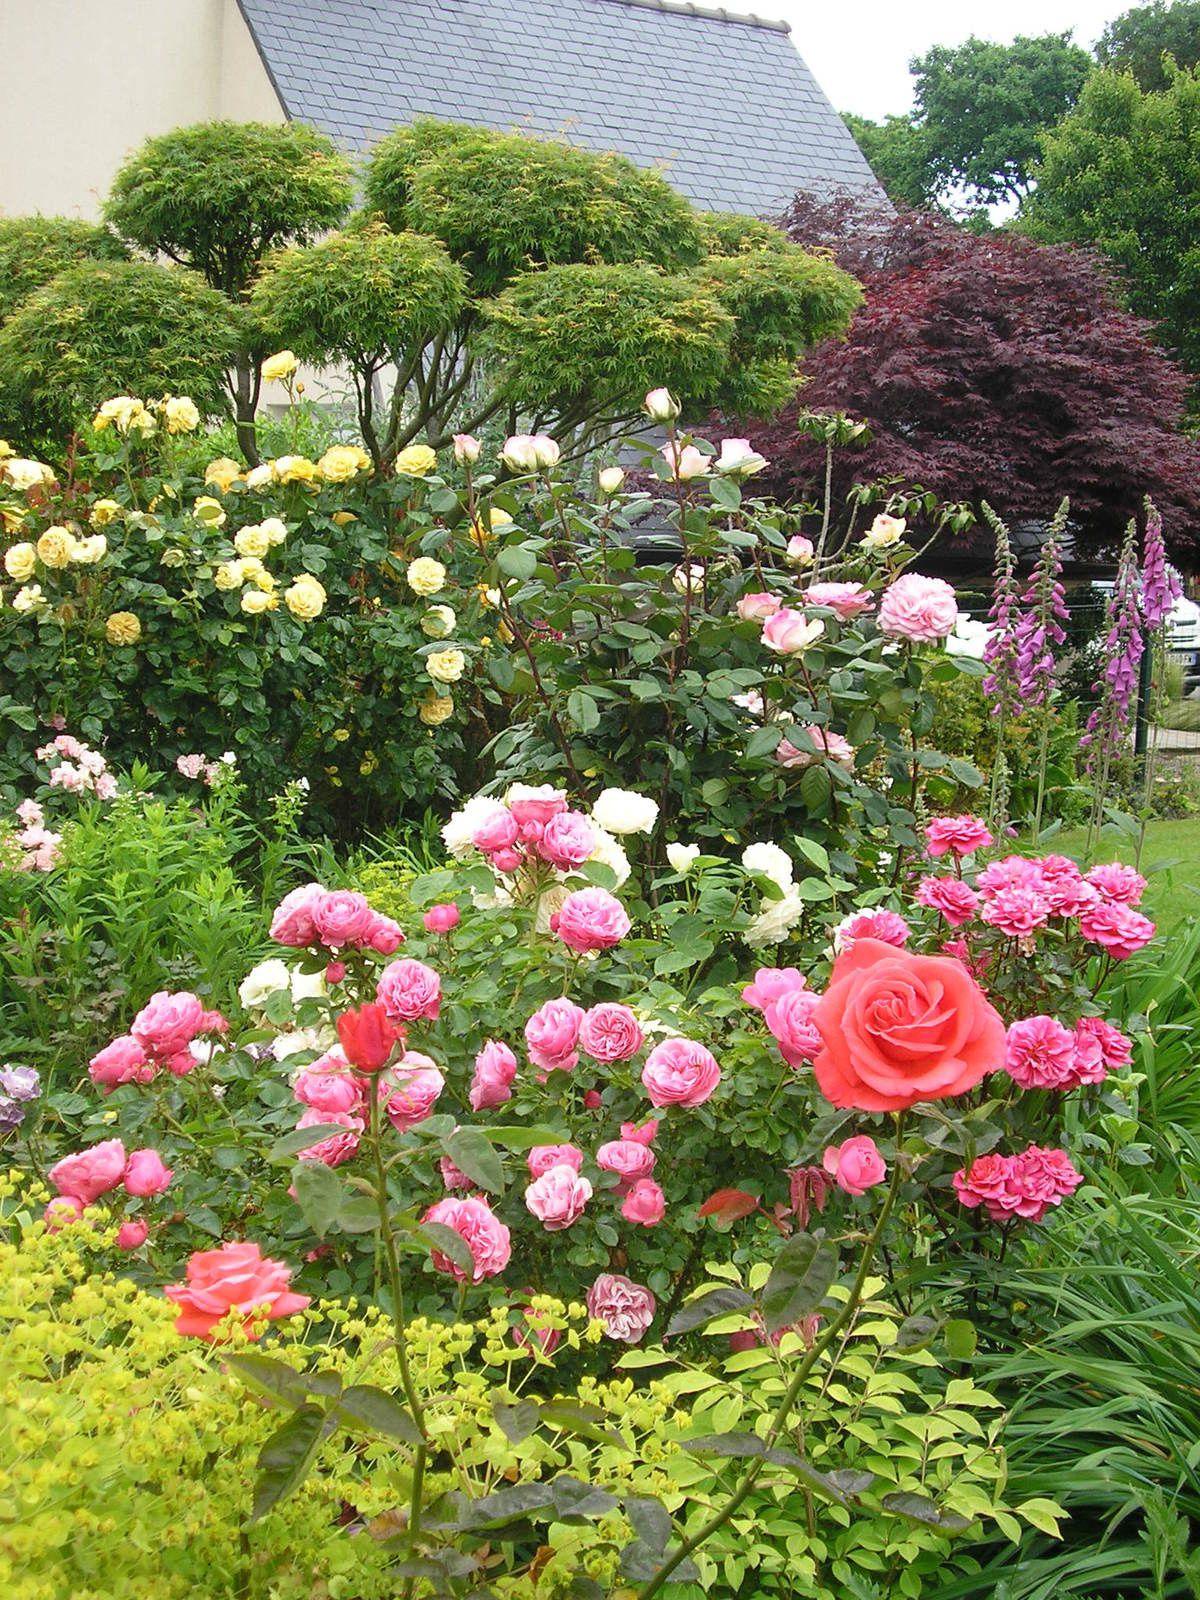 Les rosiers tiges dans le potager: Angéla, Léonard de Vinci, Xaros, Bonaparte